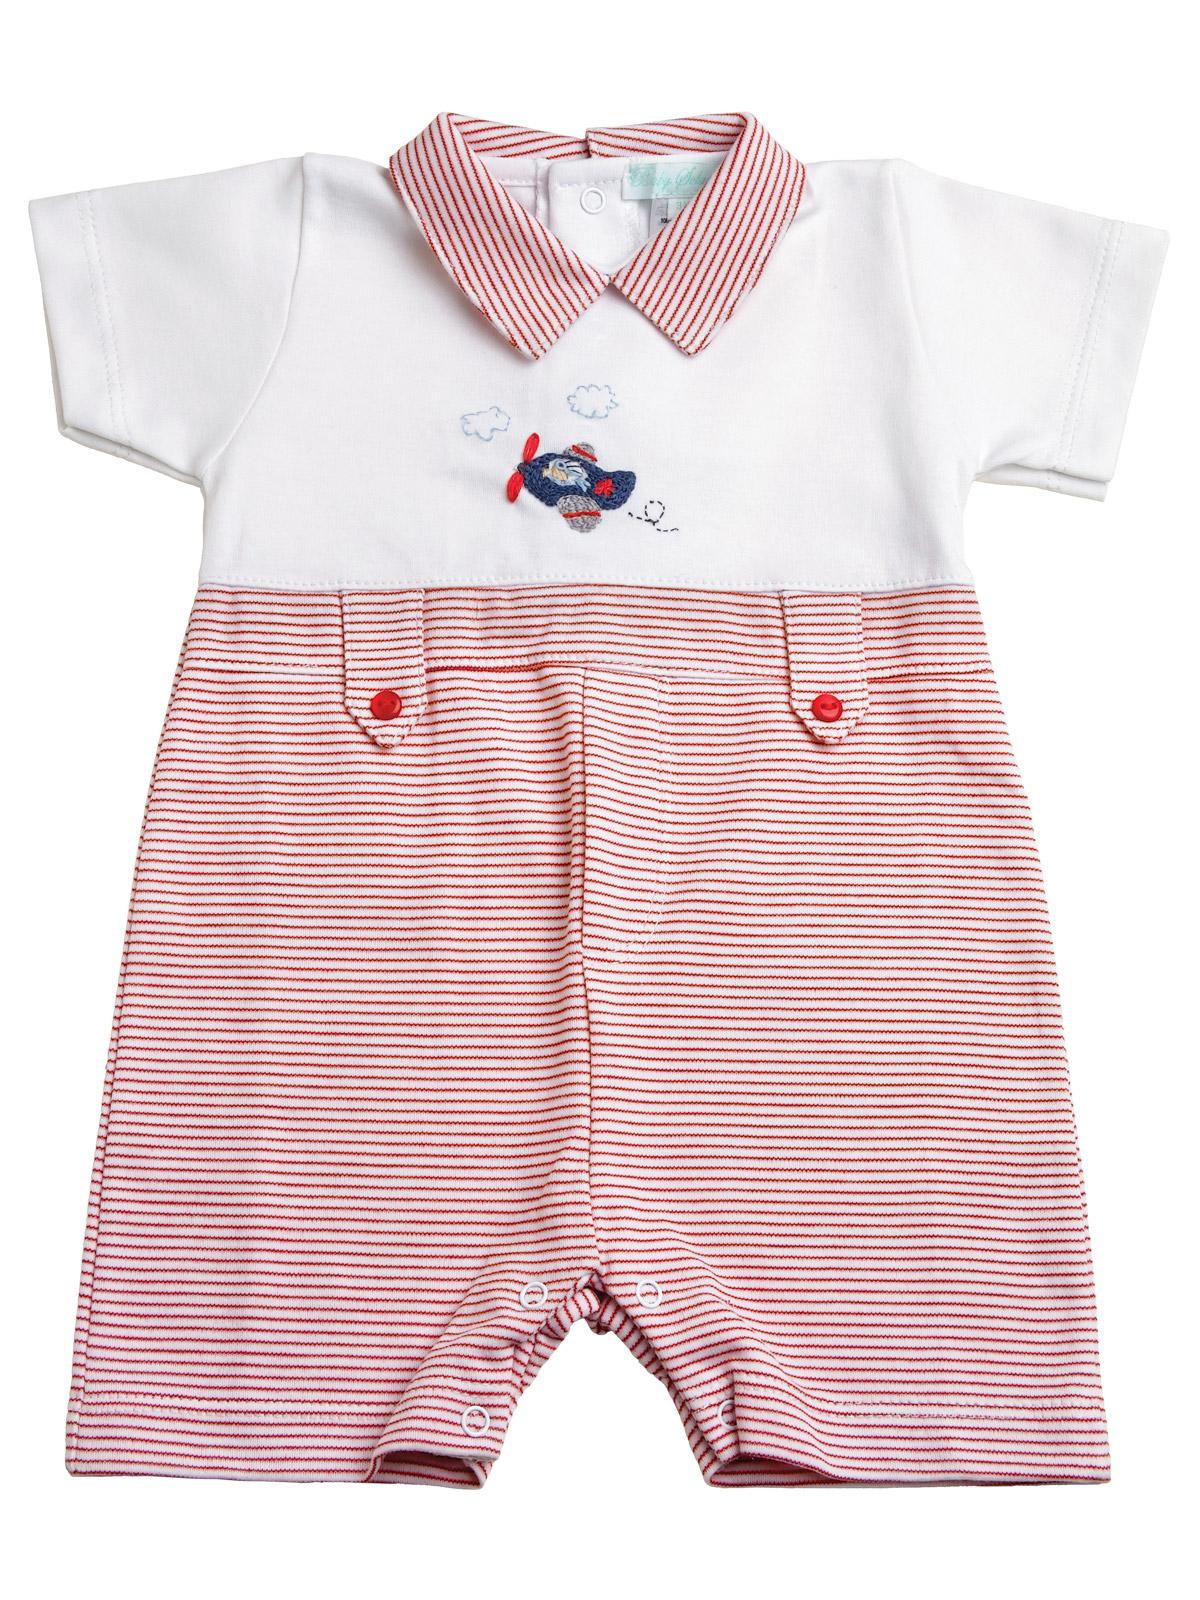 Baby-Airplane_Romper_0136.jpg